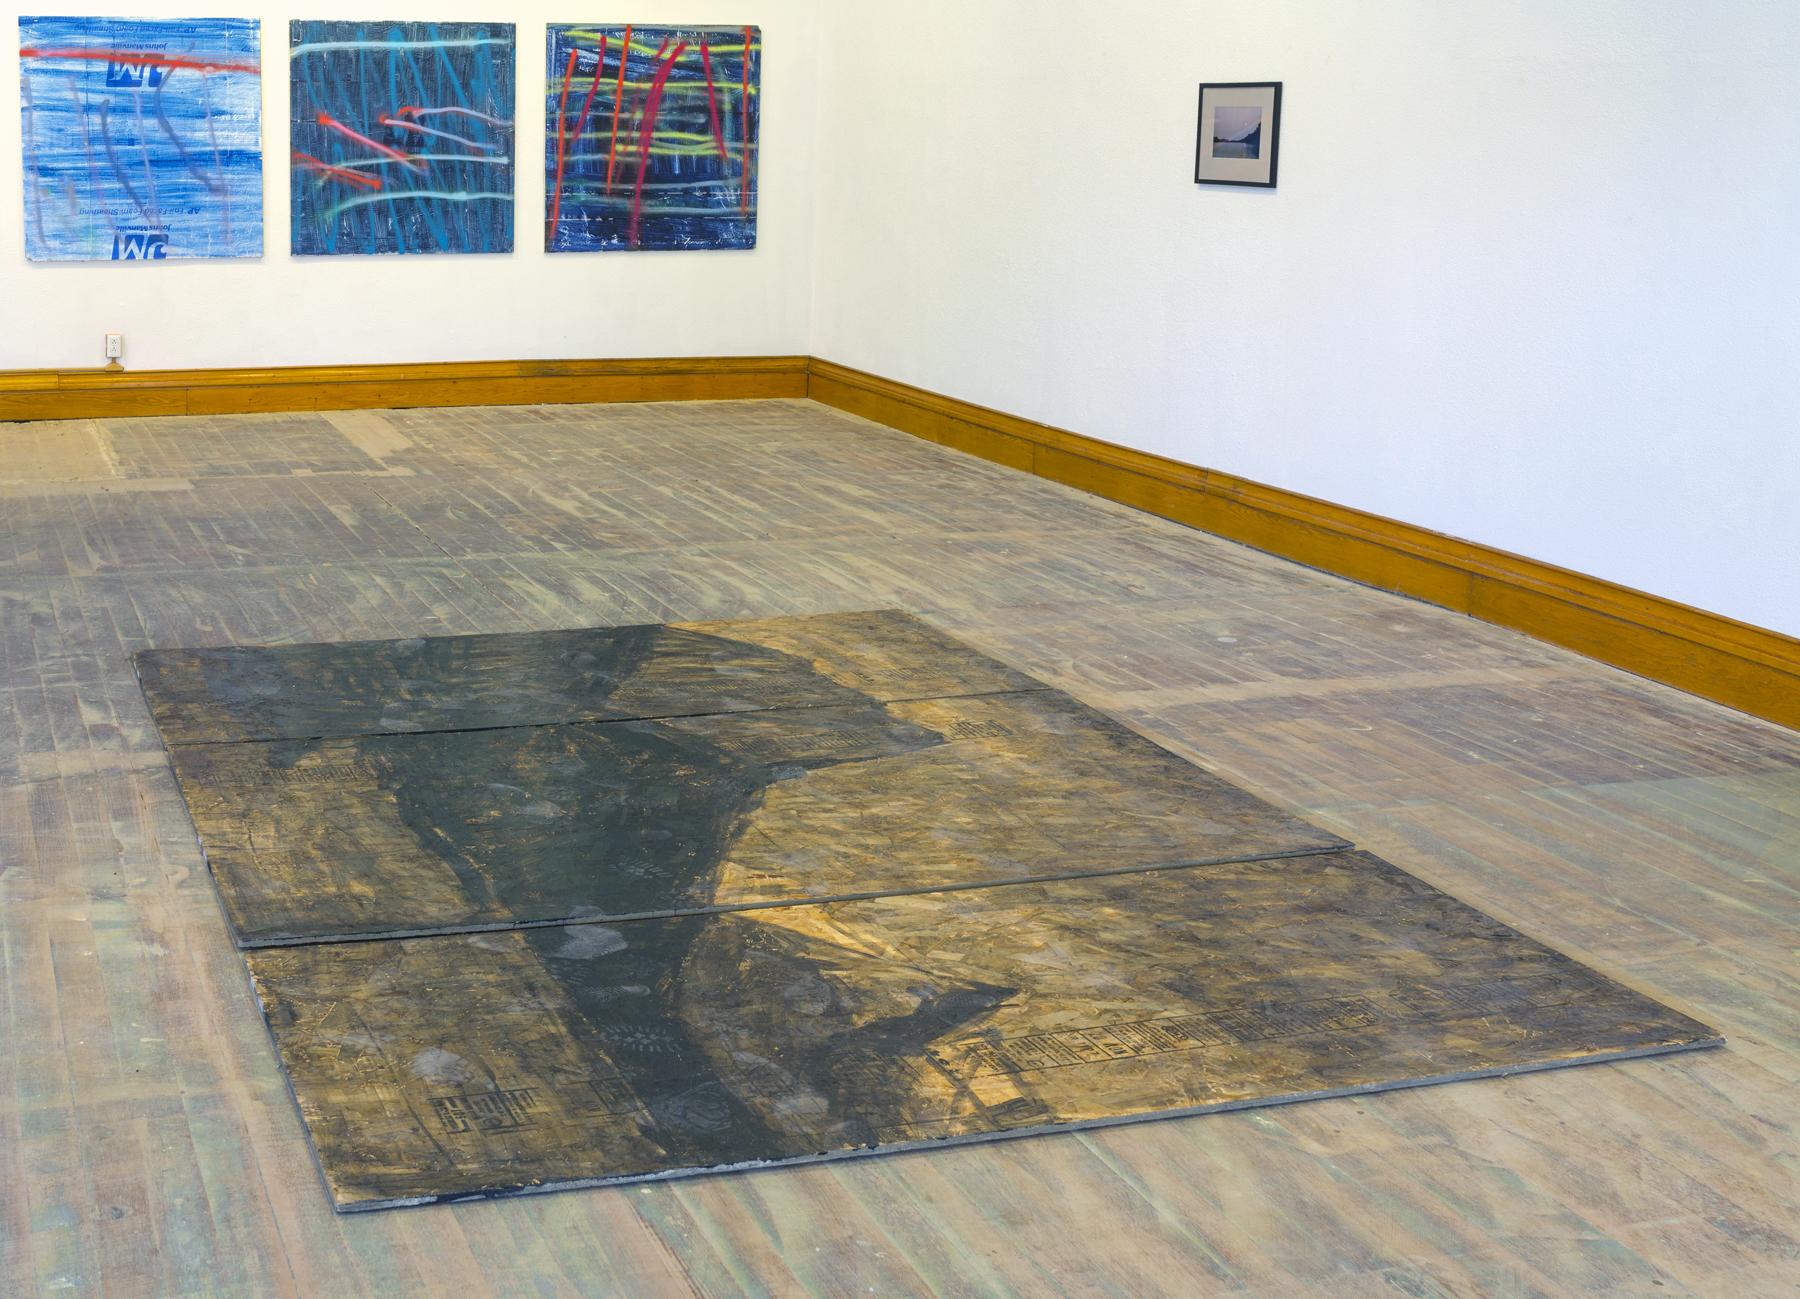 St Mary's Lake  (etc) installed on the floor,   Alaska  at Nemeth Art Center.